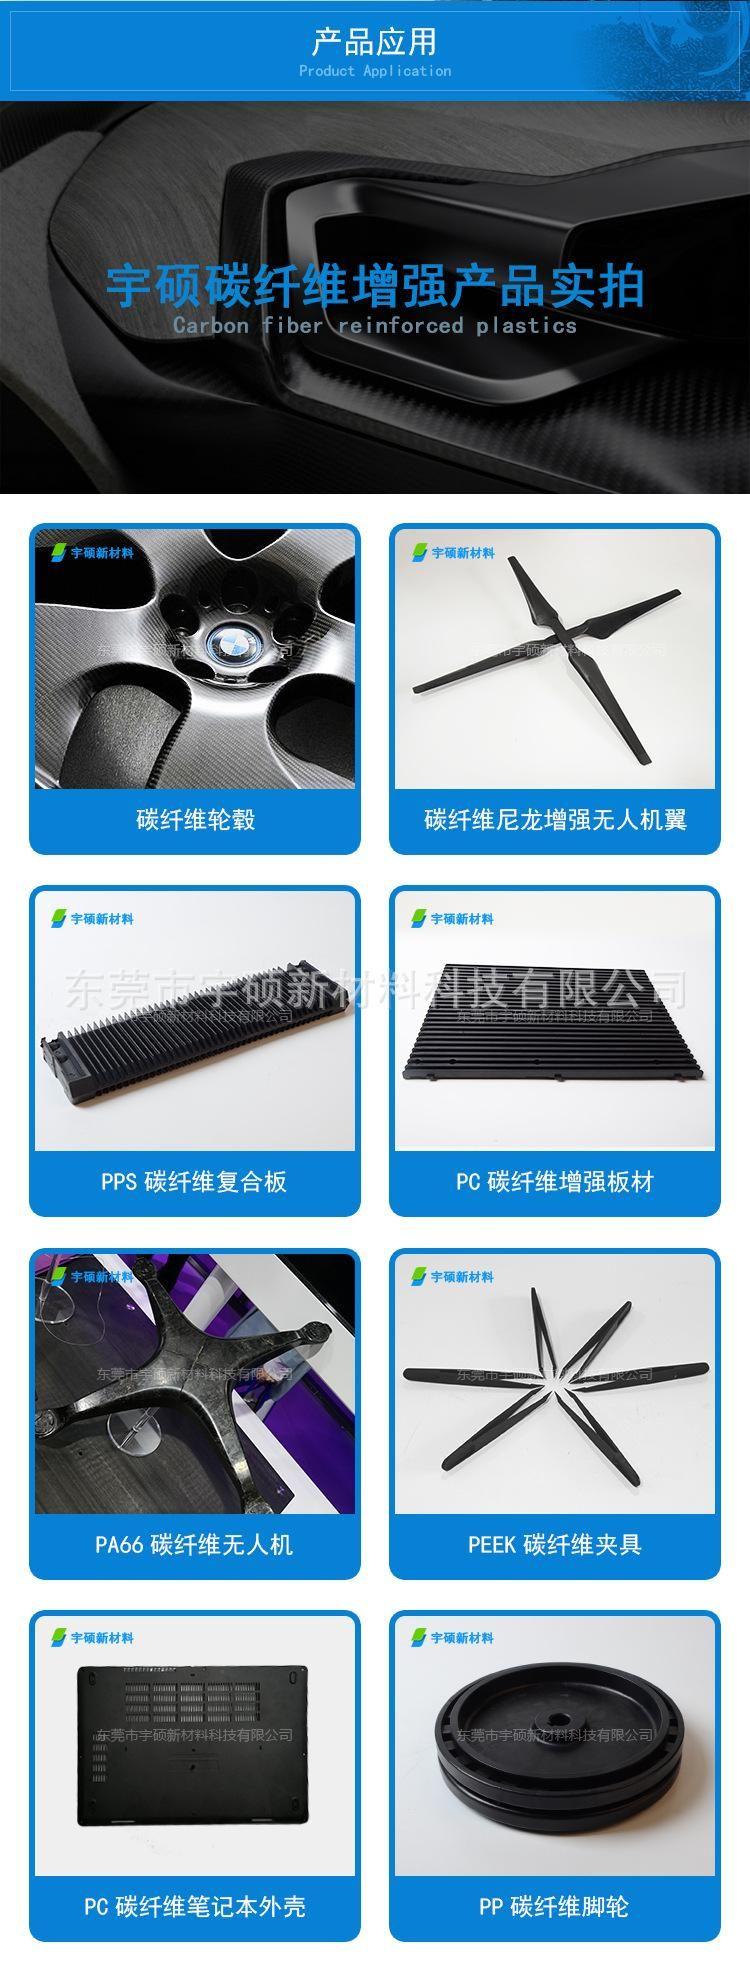 碳纤料产品展示.jpg